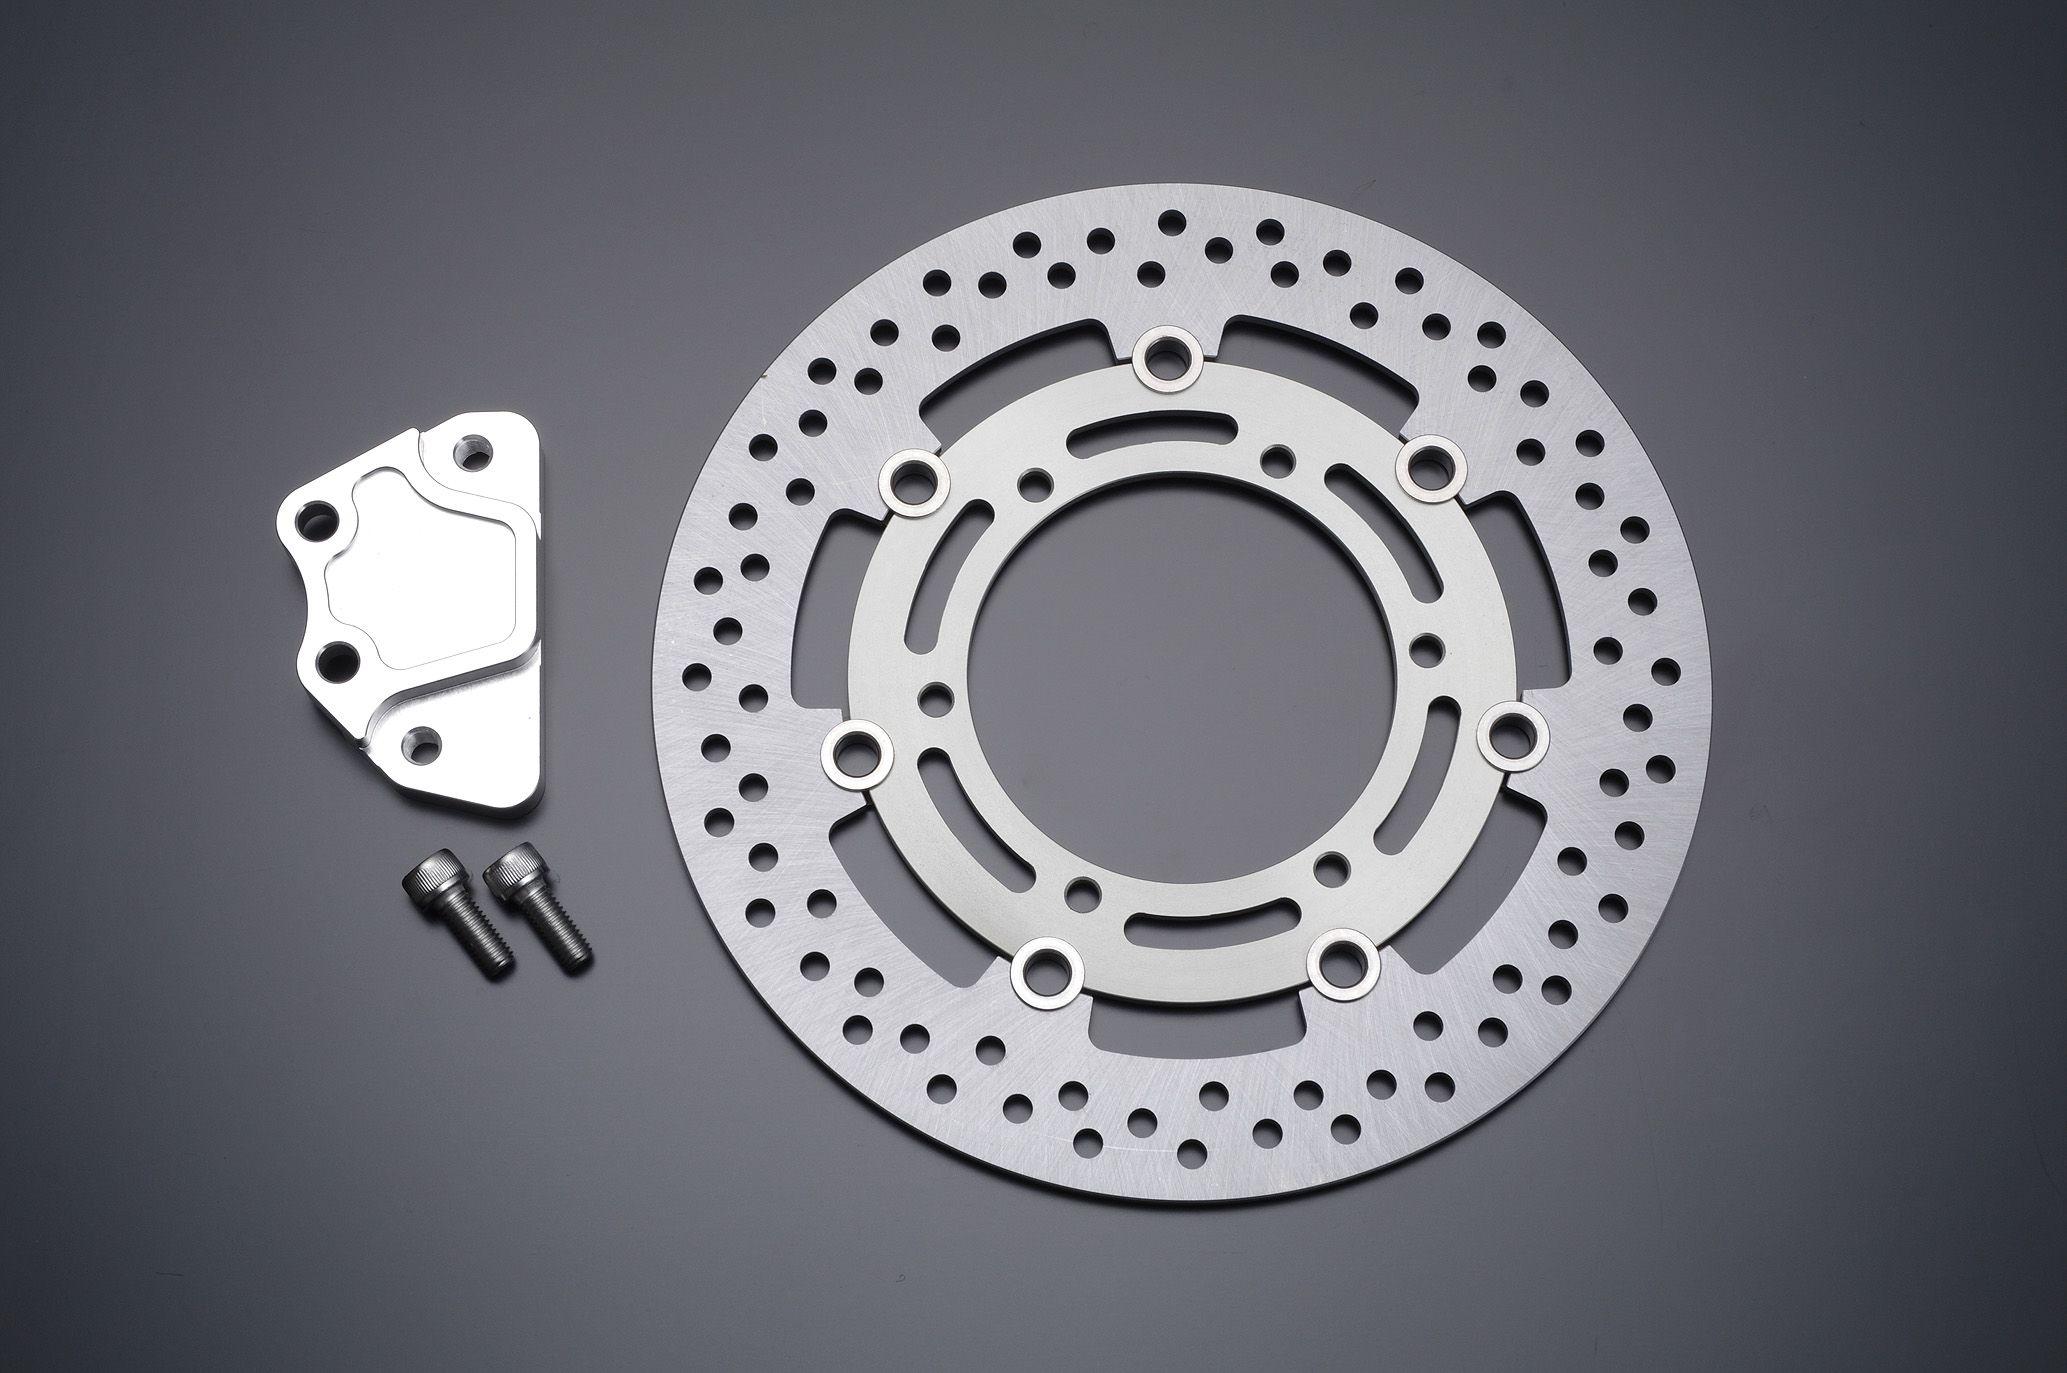 Φ285 煞車碟盤套件 (銀色)